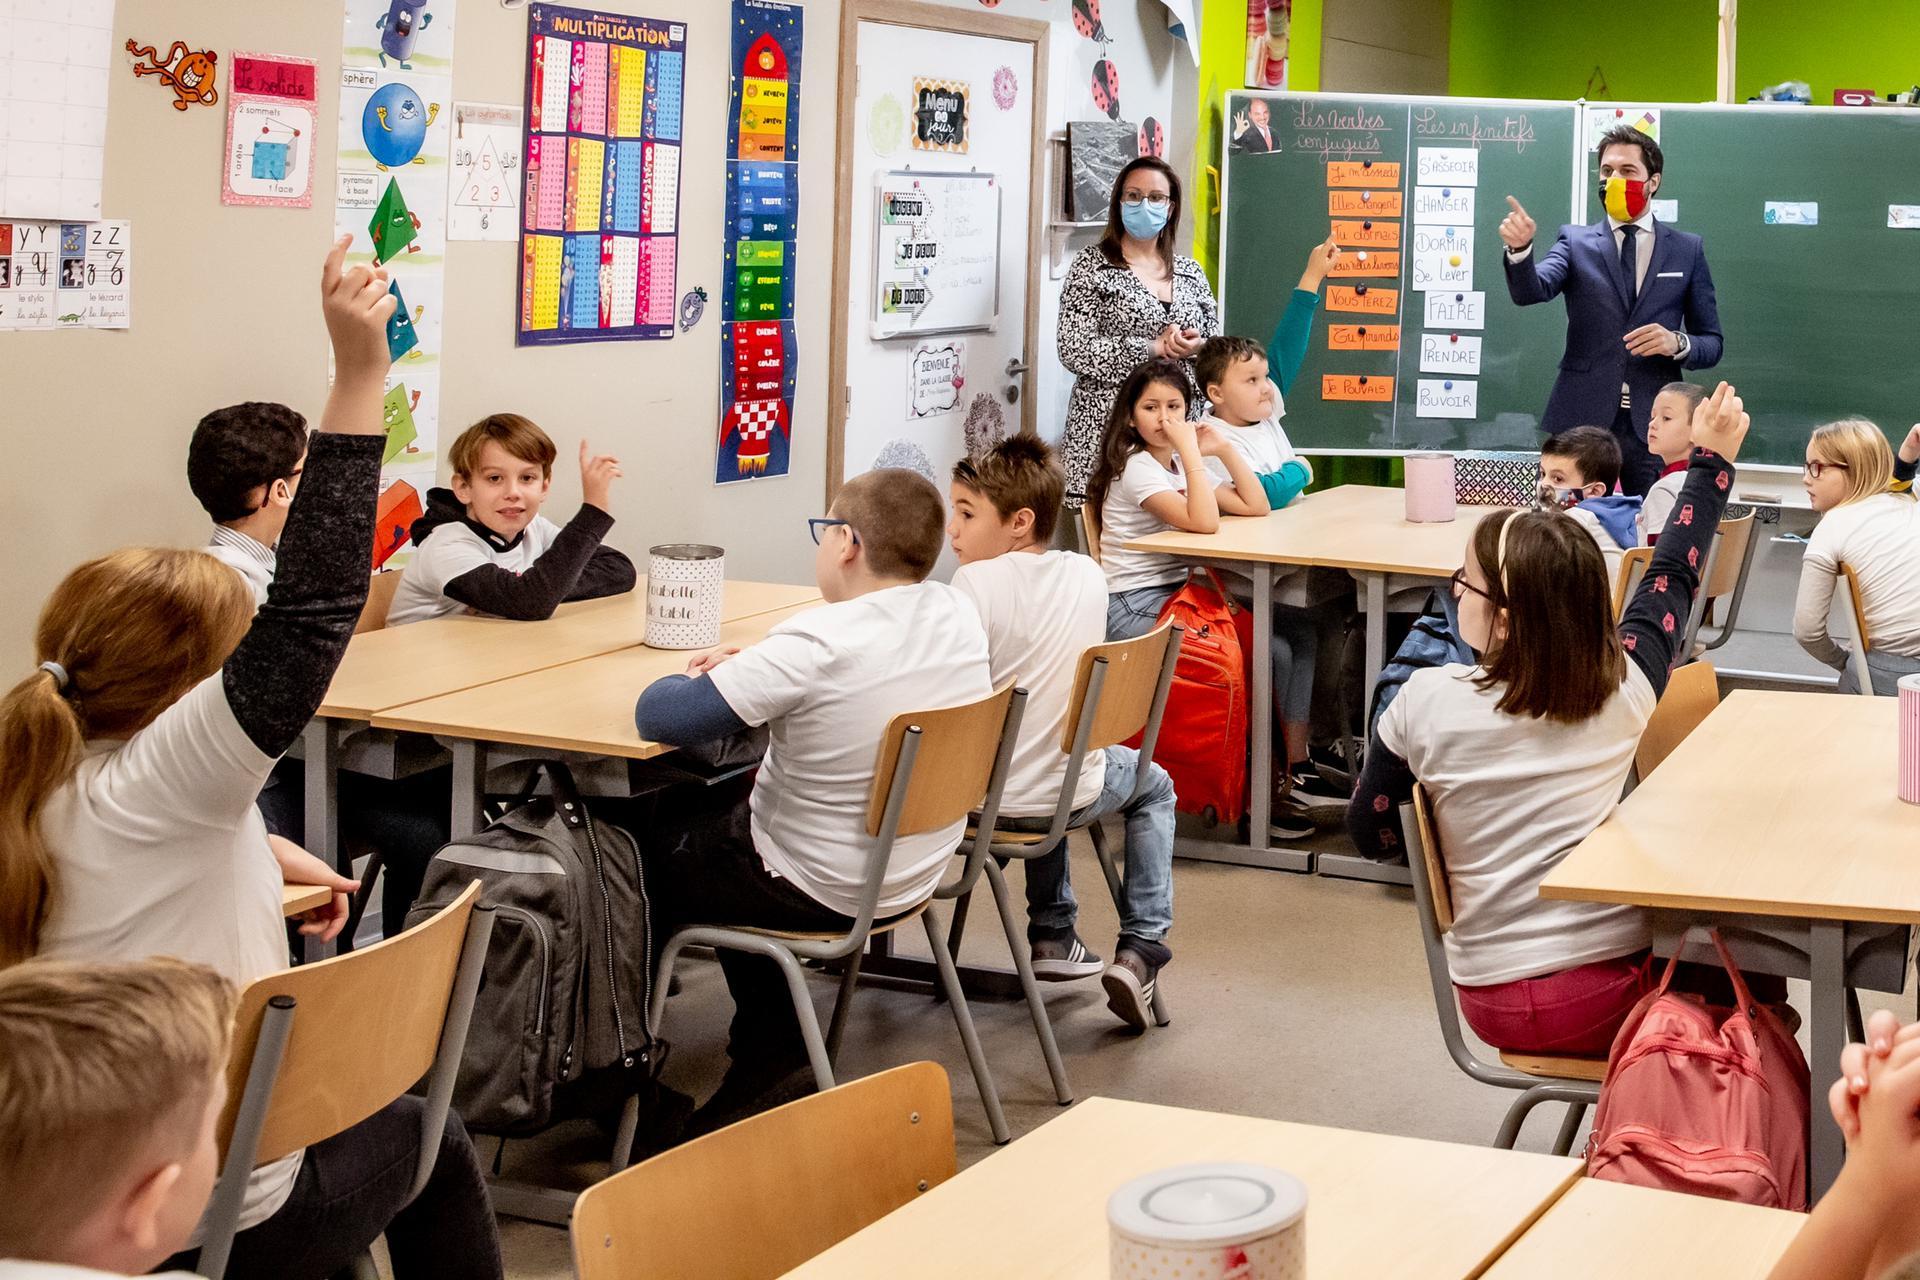 Georges-Louis Bouchez clôture la campagne électorale des délégués dans une école primaire de Flénu.